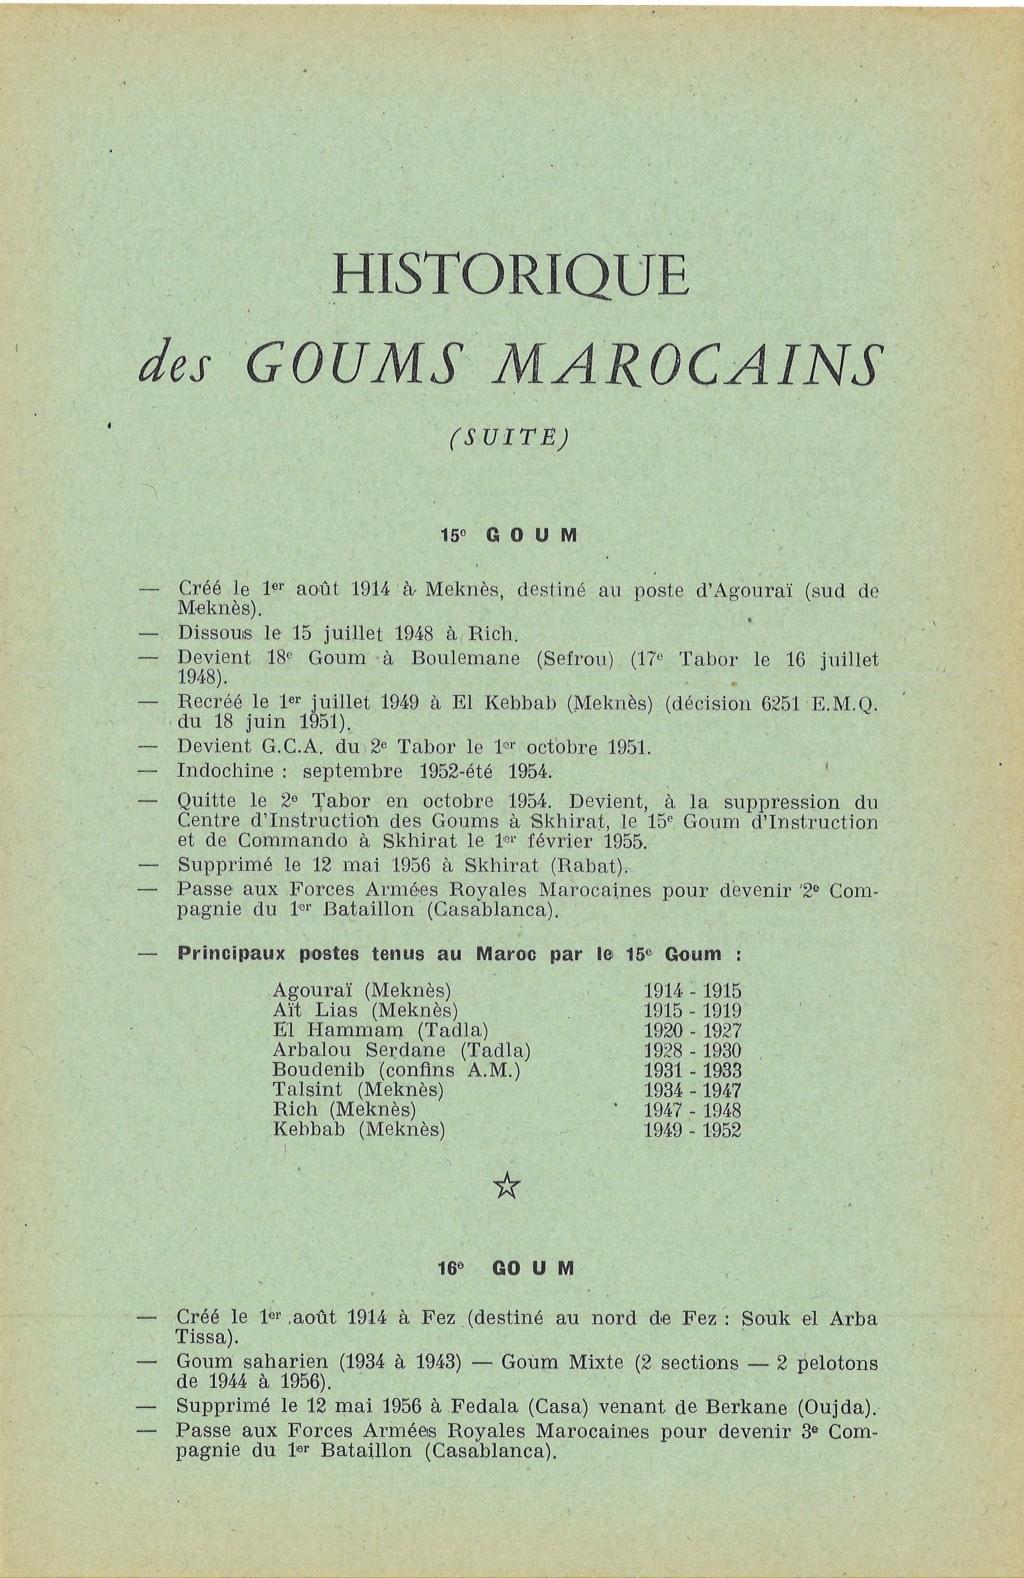 12 mai 1956 - Dissolution des Goumiers & integration aux FAR La_kou15